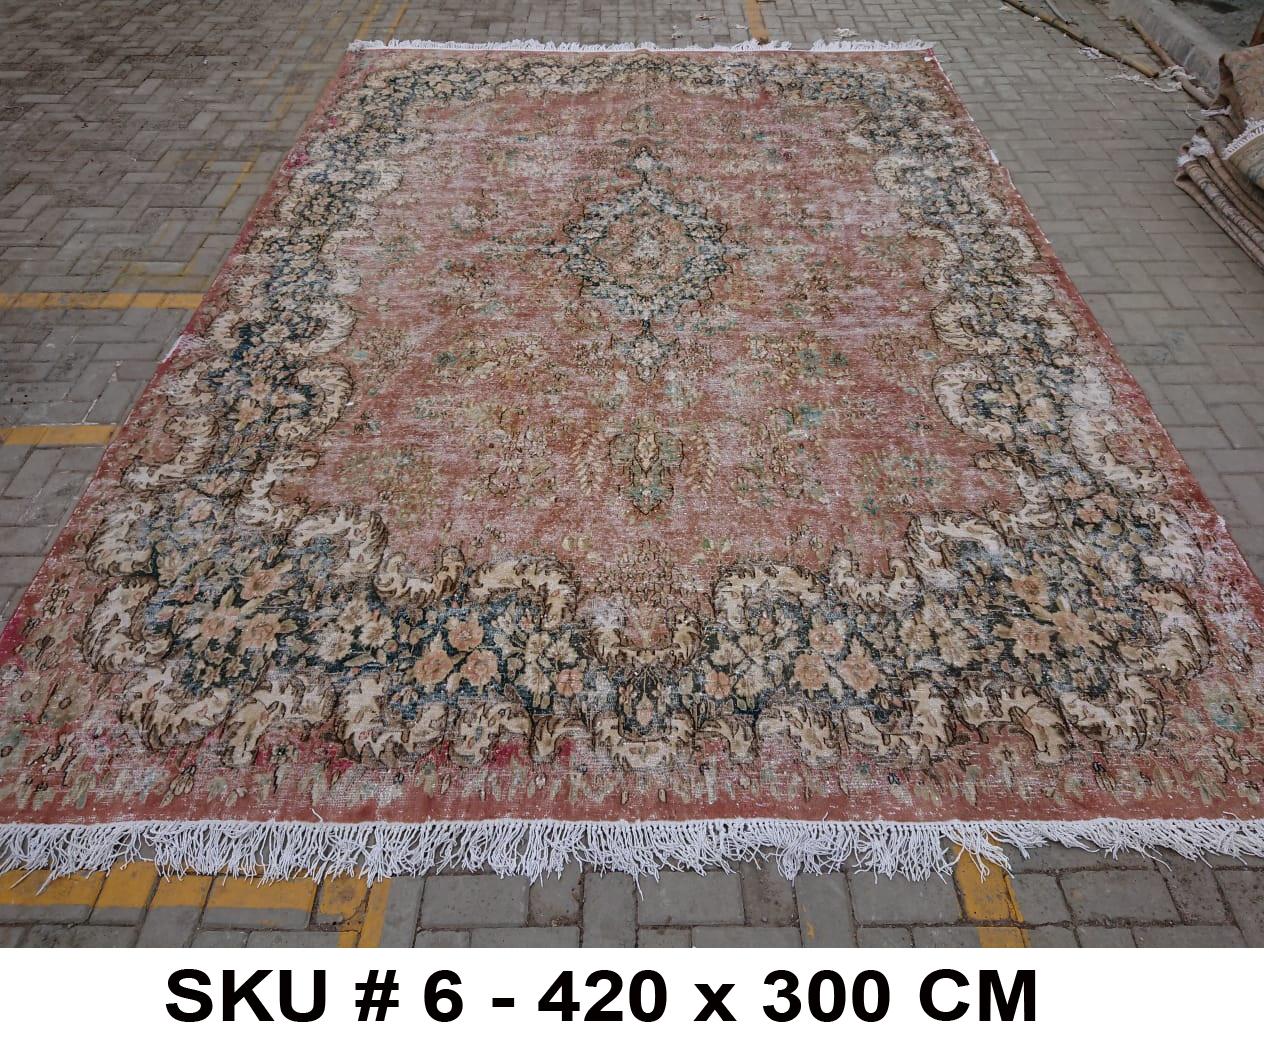 Vintage vloerkleed, nr.62335, 420cm x 300cm